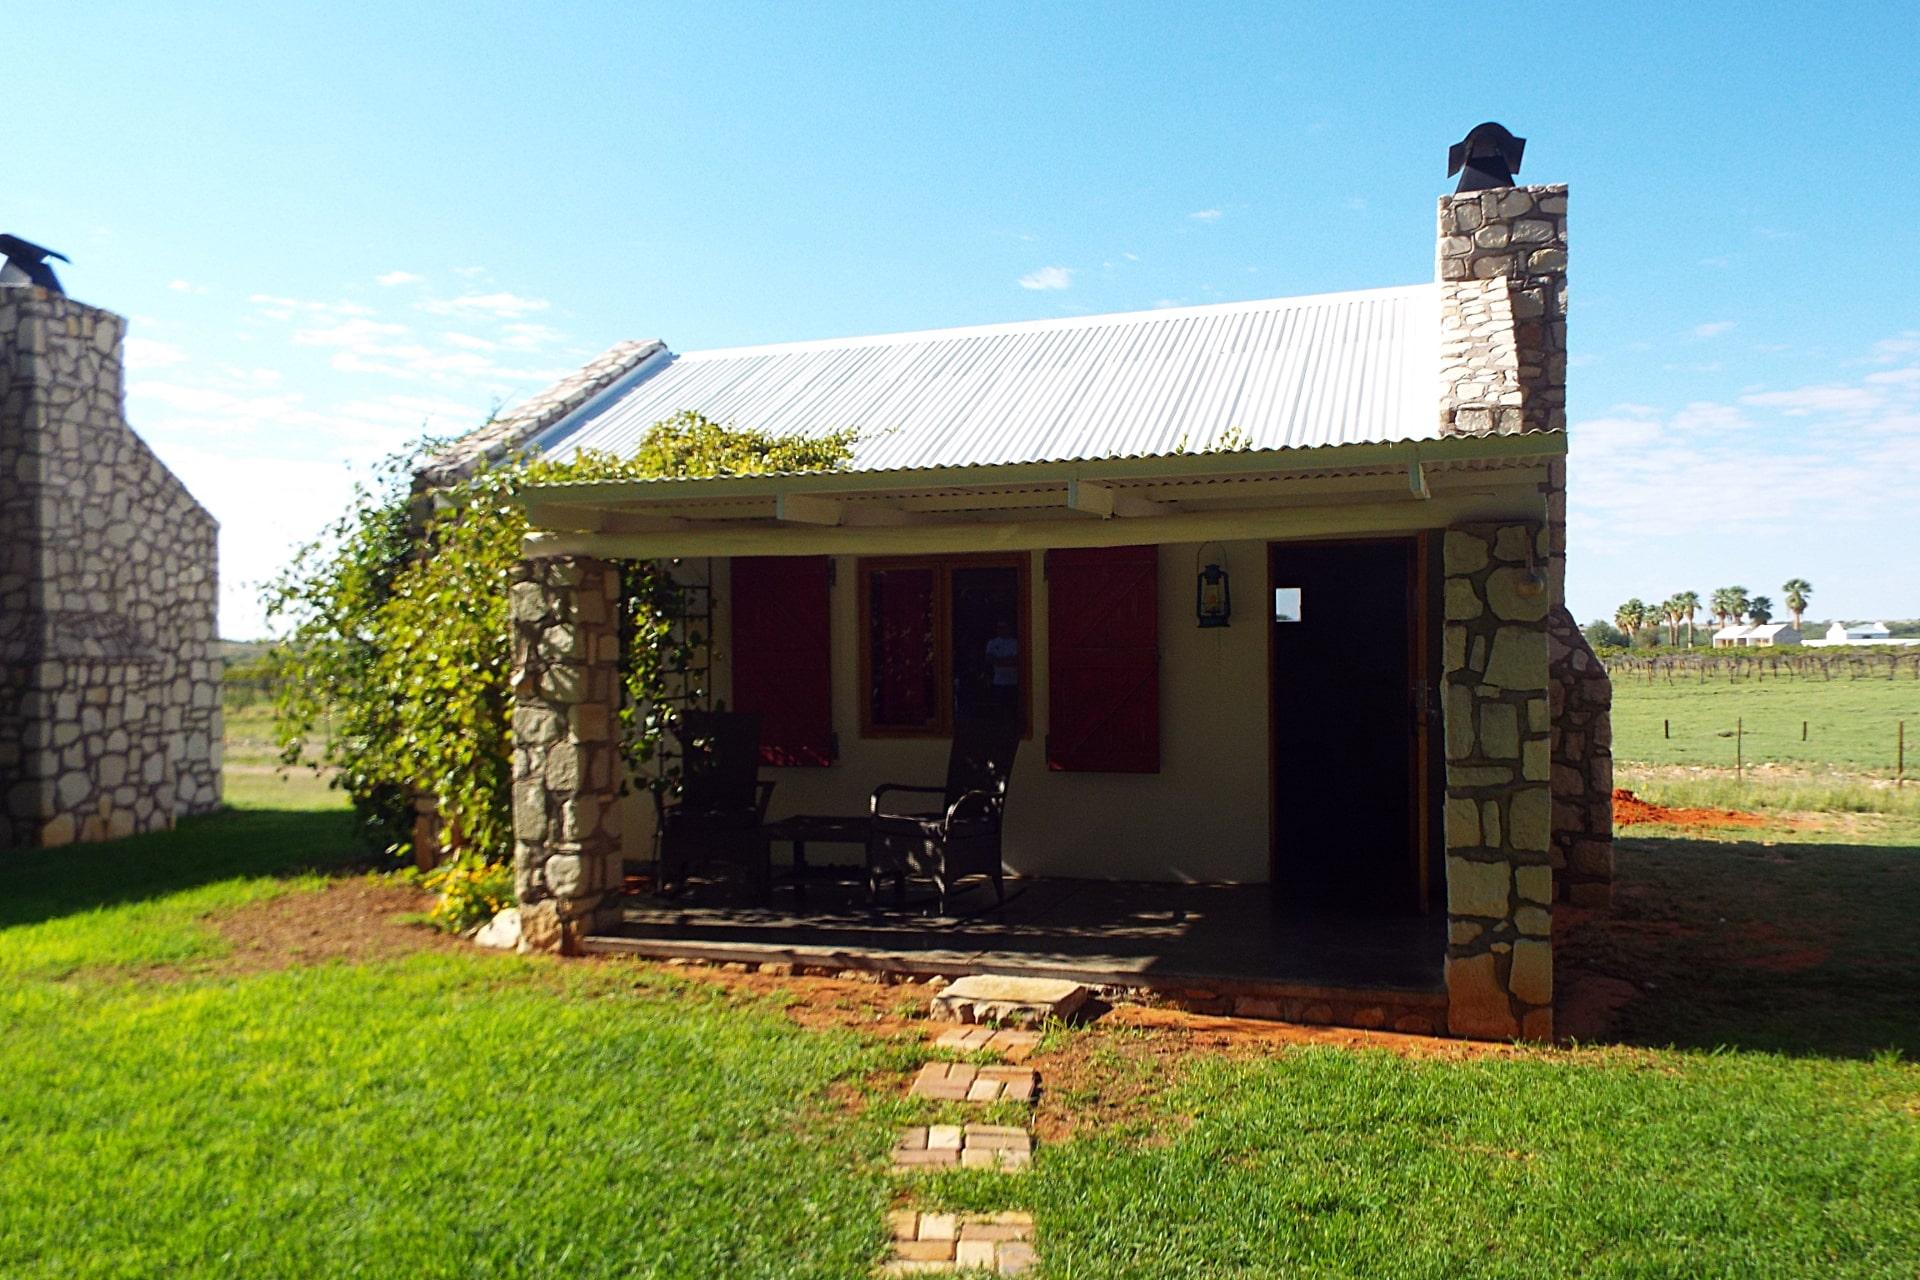 Kalahari Farmhouse - Chalet extérieur